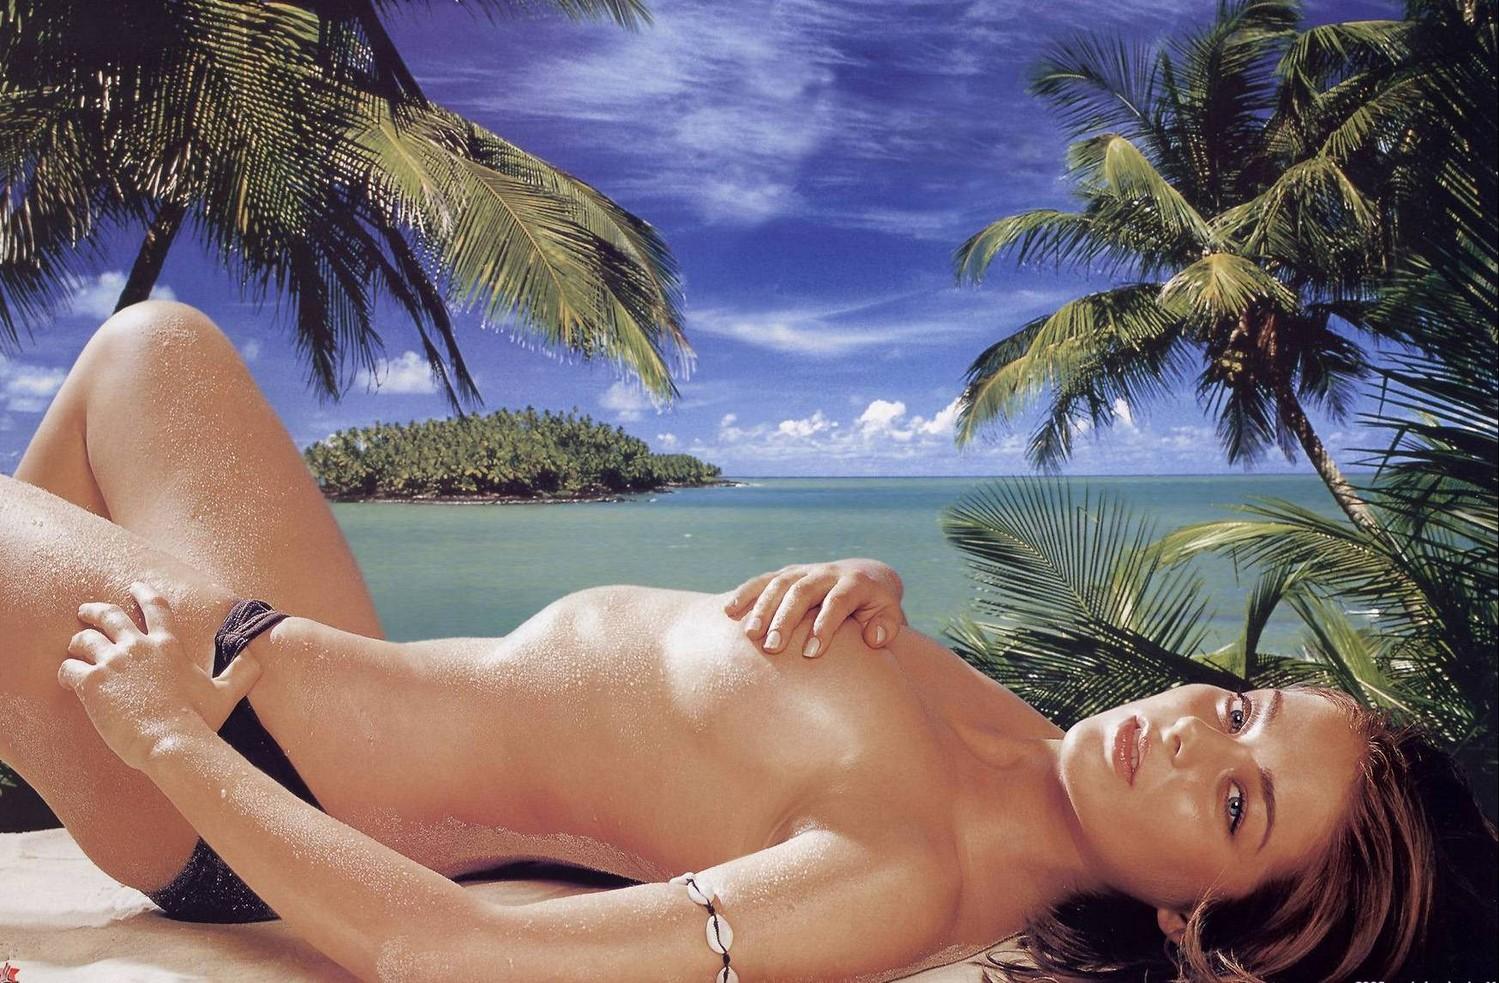 Российские знаменитости в эротических, Голые Русские знаменитости, порно фото альбомы 21 фотография